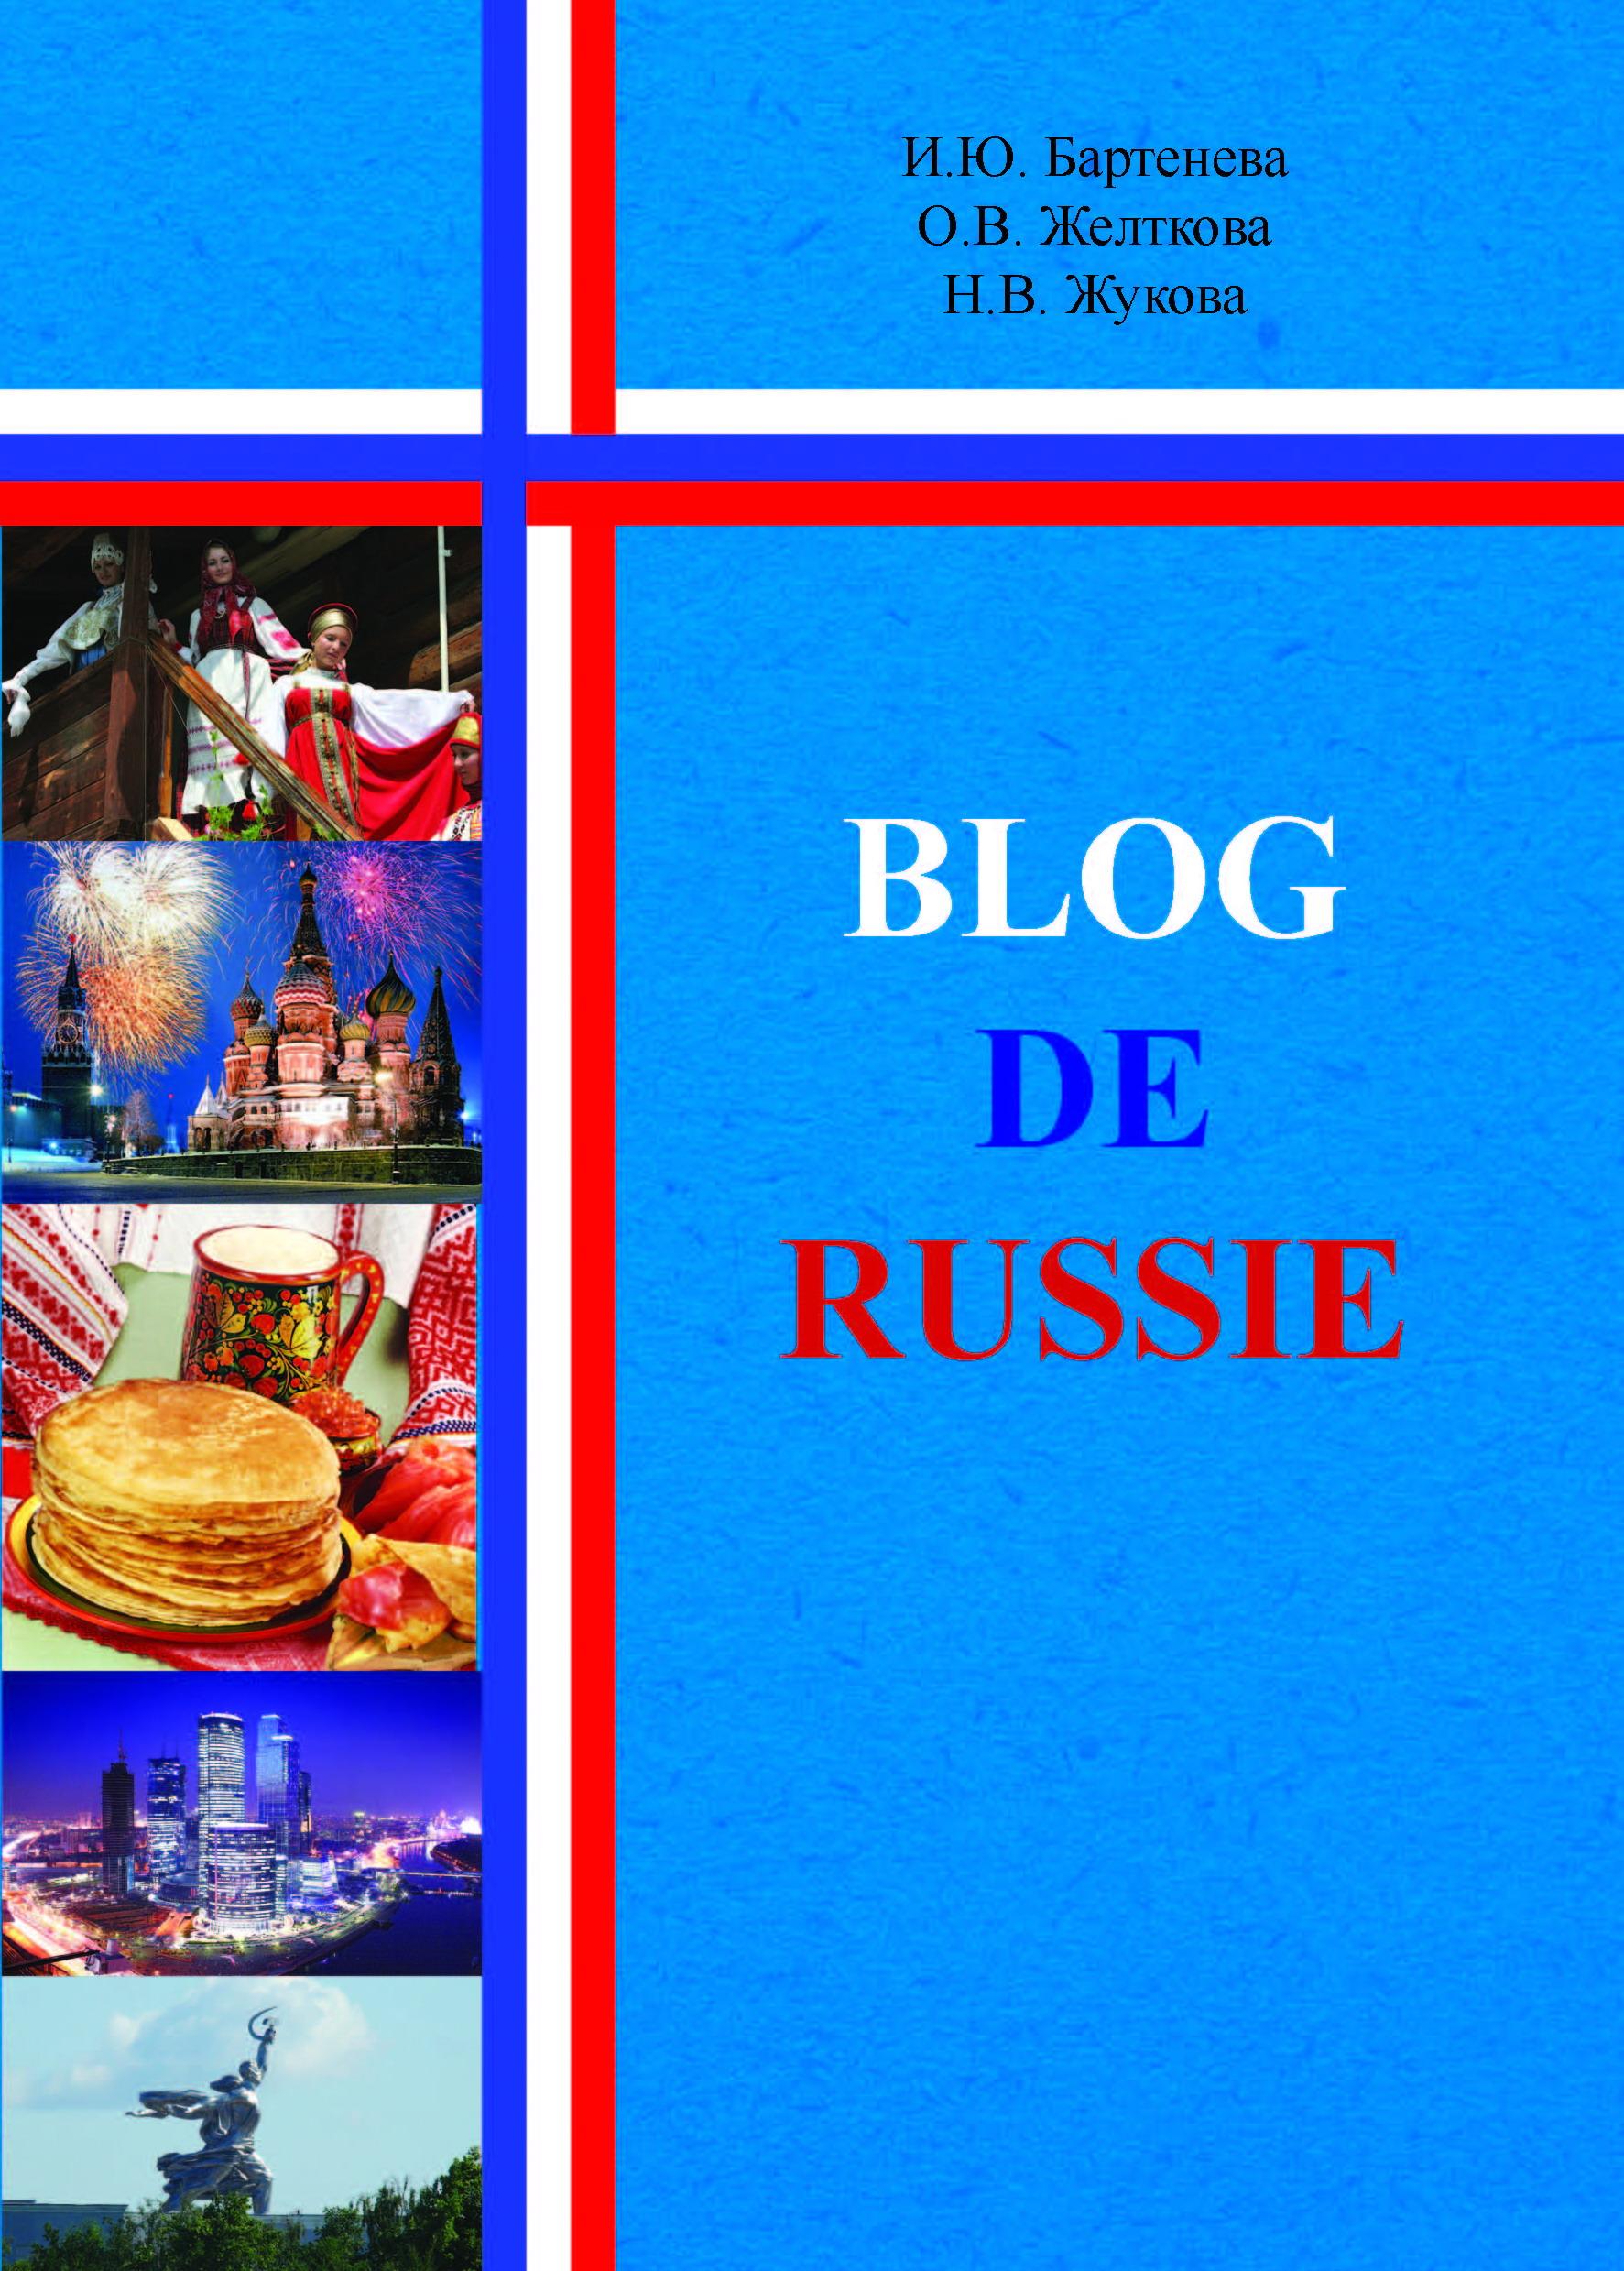 Blog de Russie. Учебно-методическое пособие